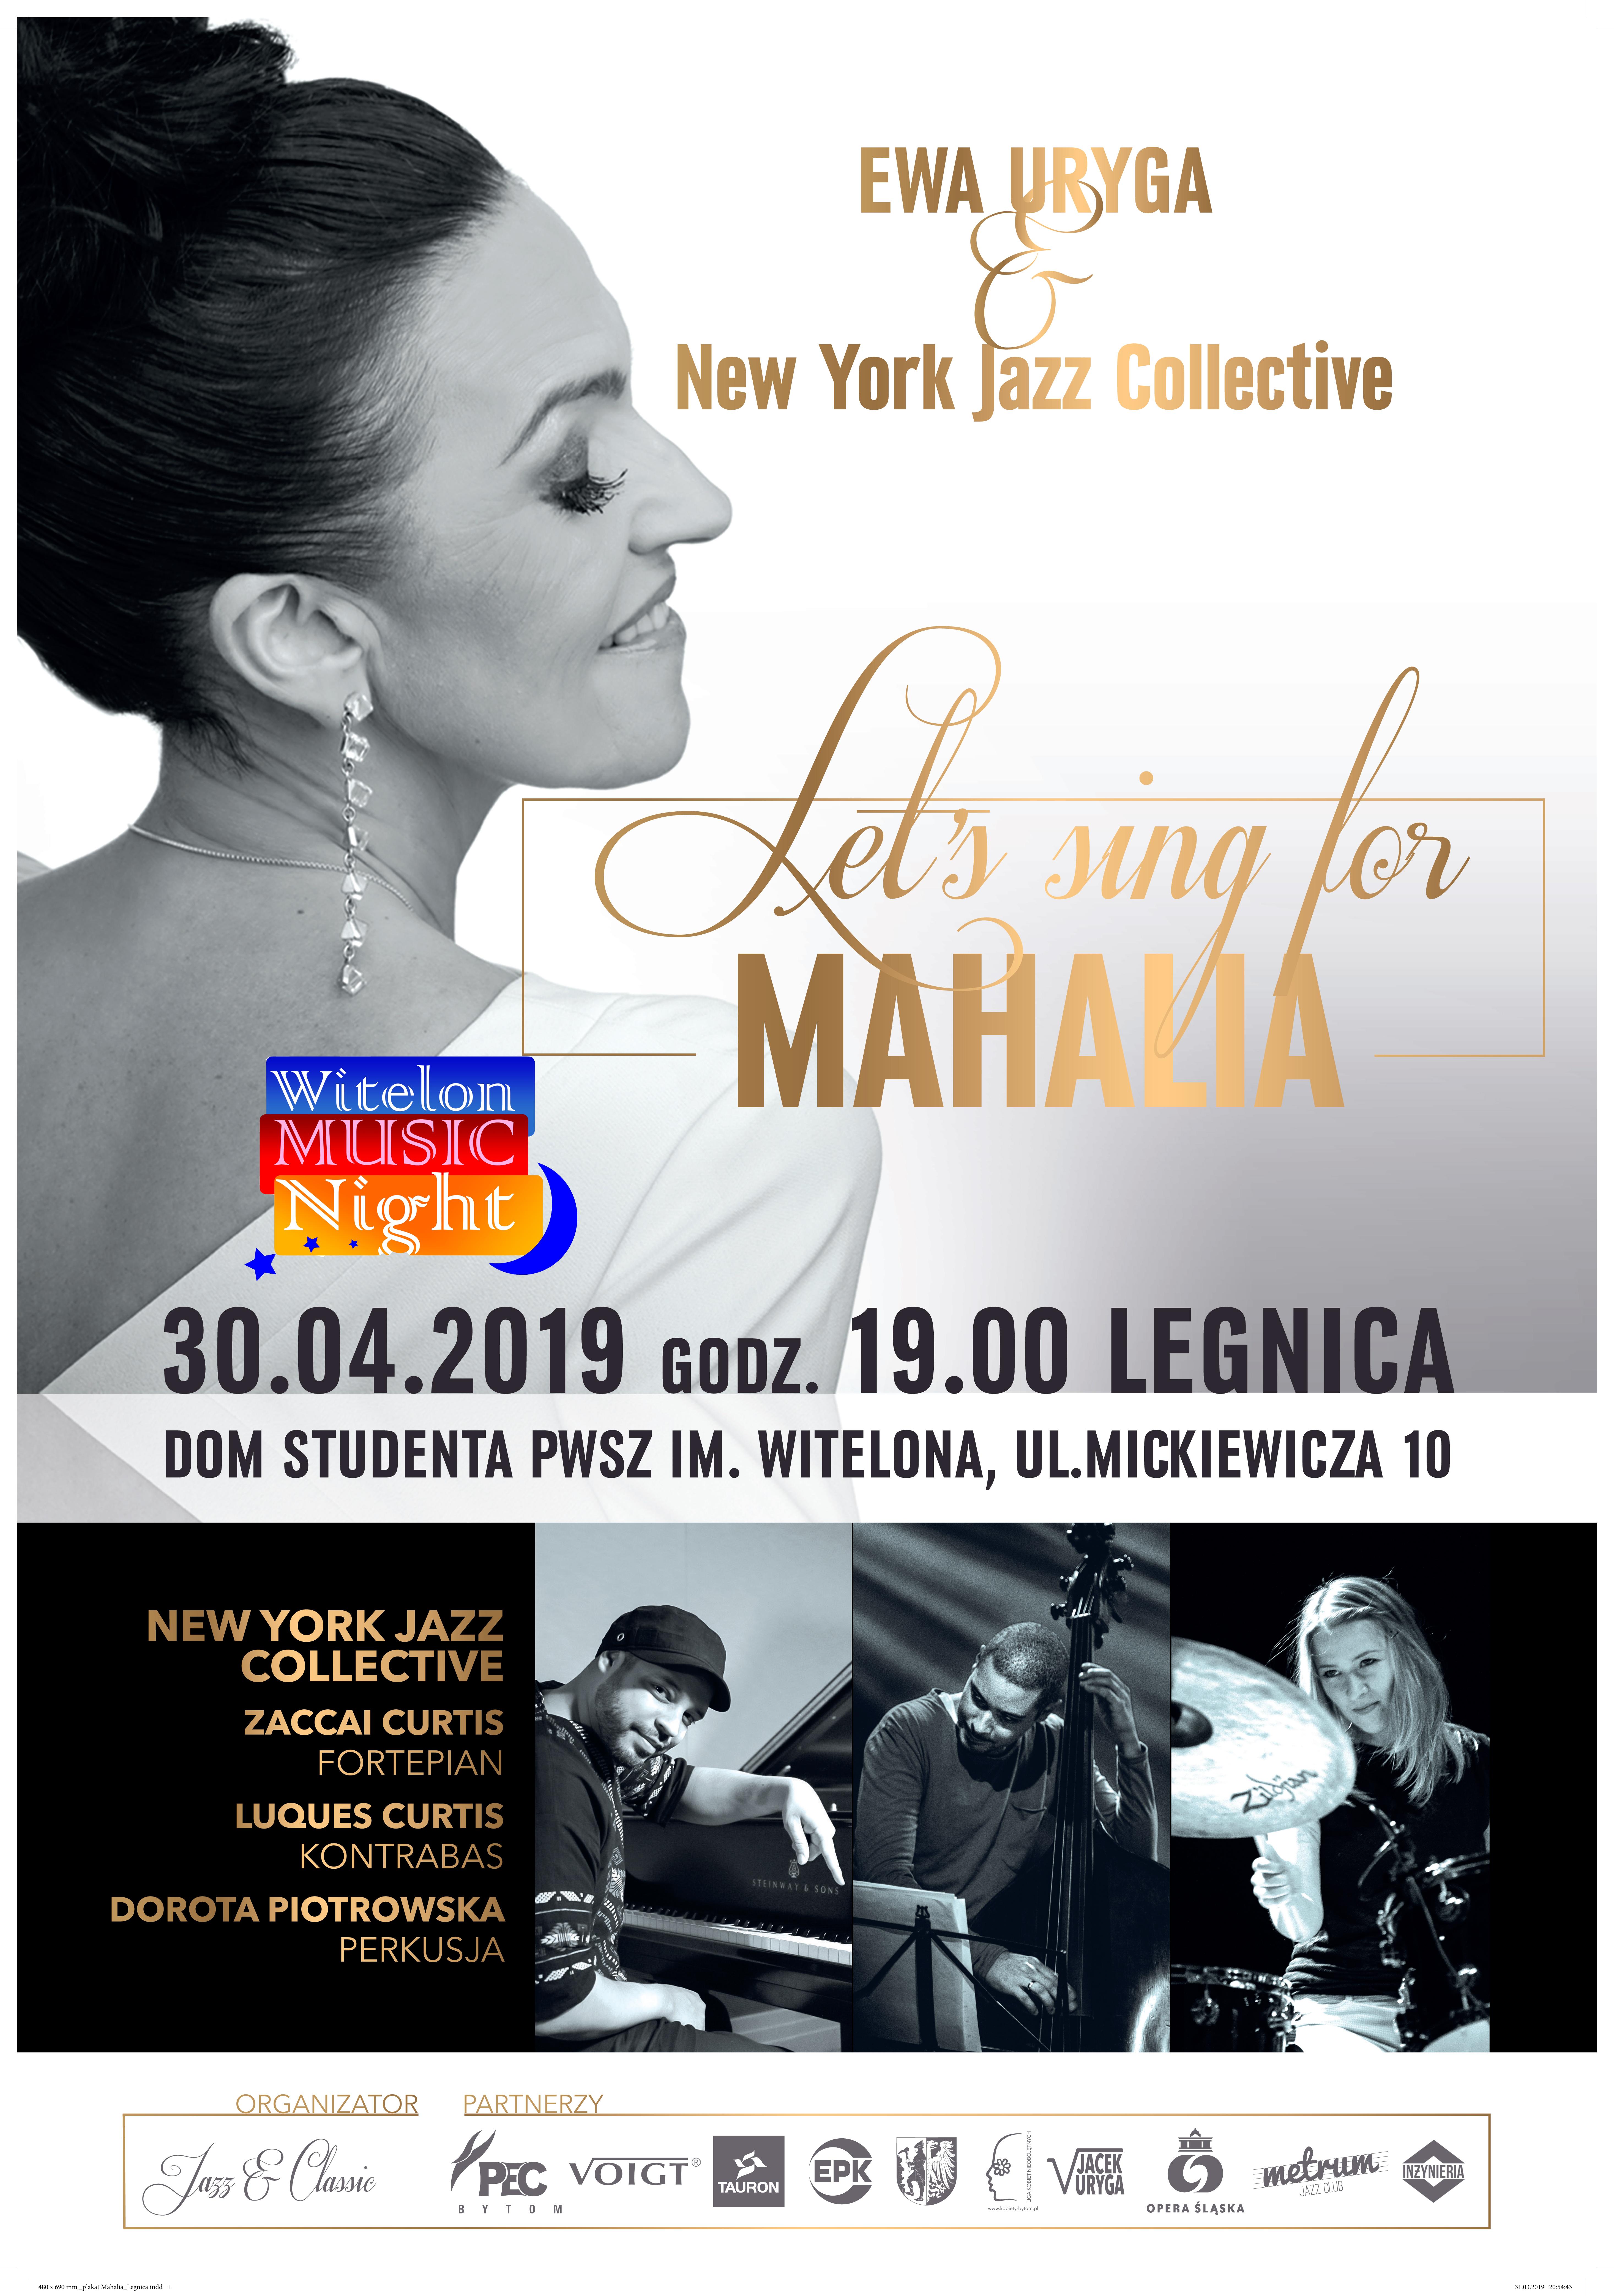 """Ewa Uryga z projektem """"Let's sing for MAHALIA"""""""